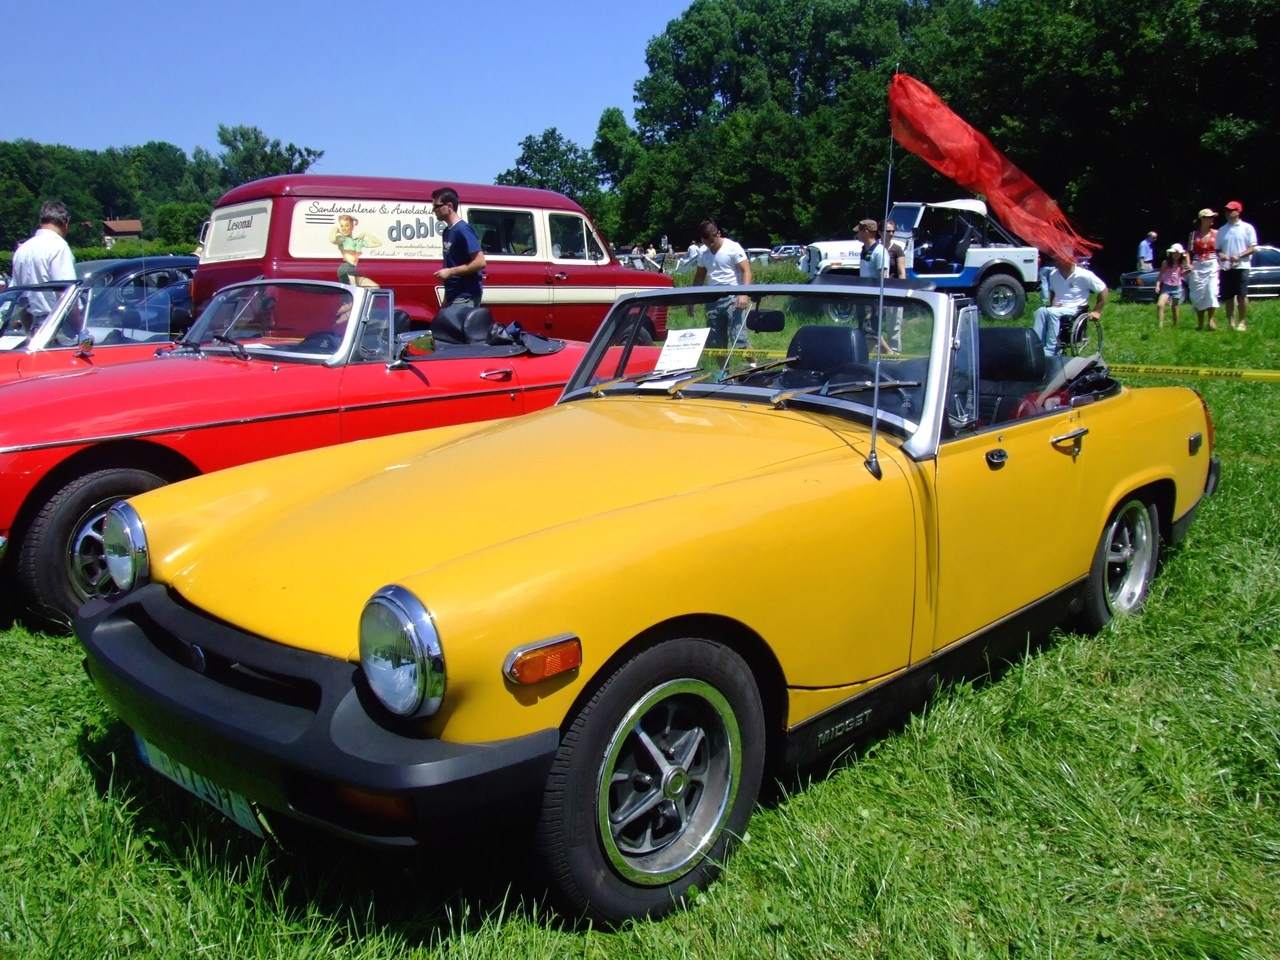 ▲こちらはより小ぶりなMG ミジェット。1961年から1979年まで生産された小型2シーターオープンスポーツカーで、カニ目ことオースチン ヒーレー スプライトの兄弟車にあたる